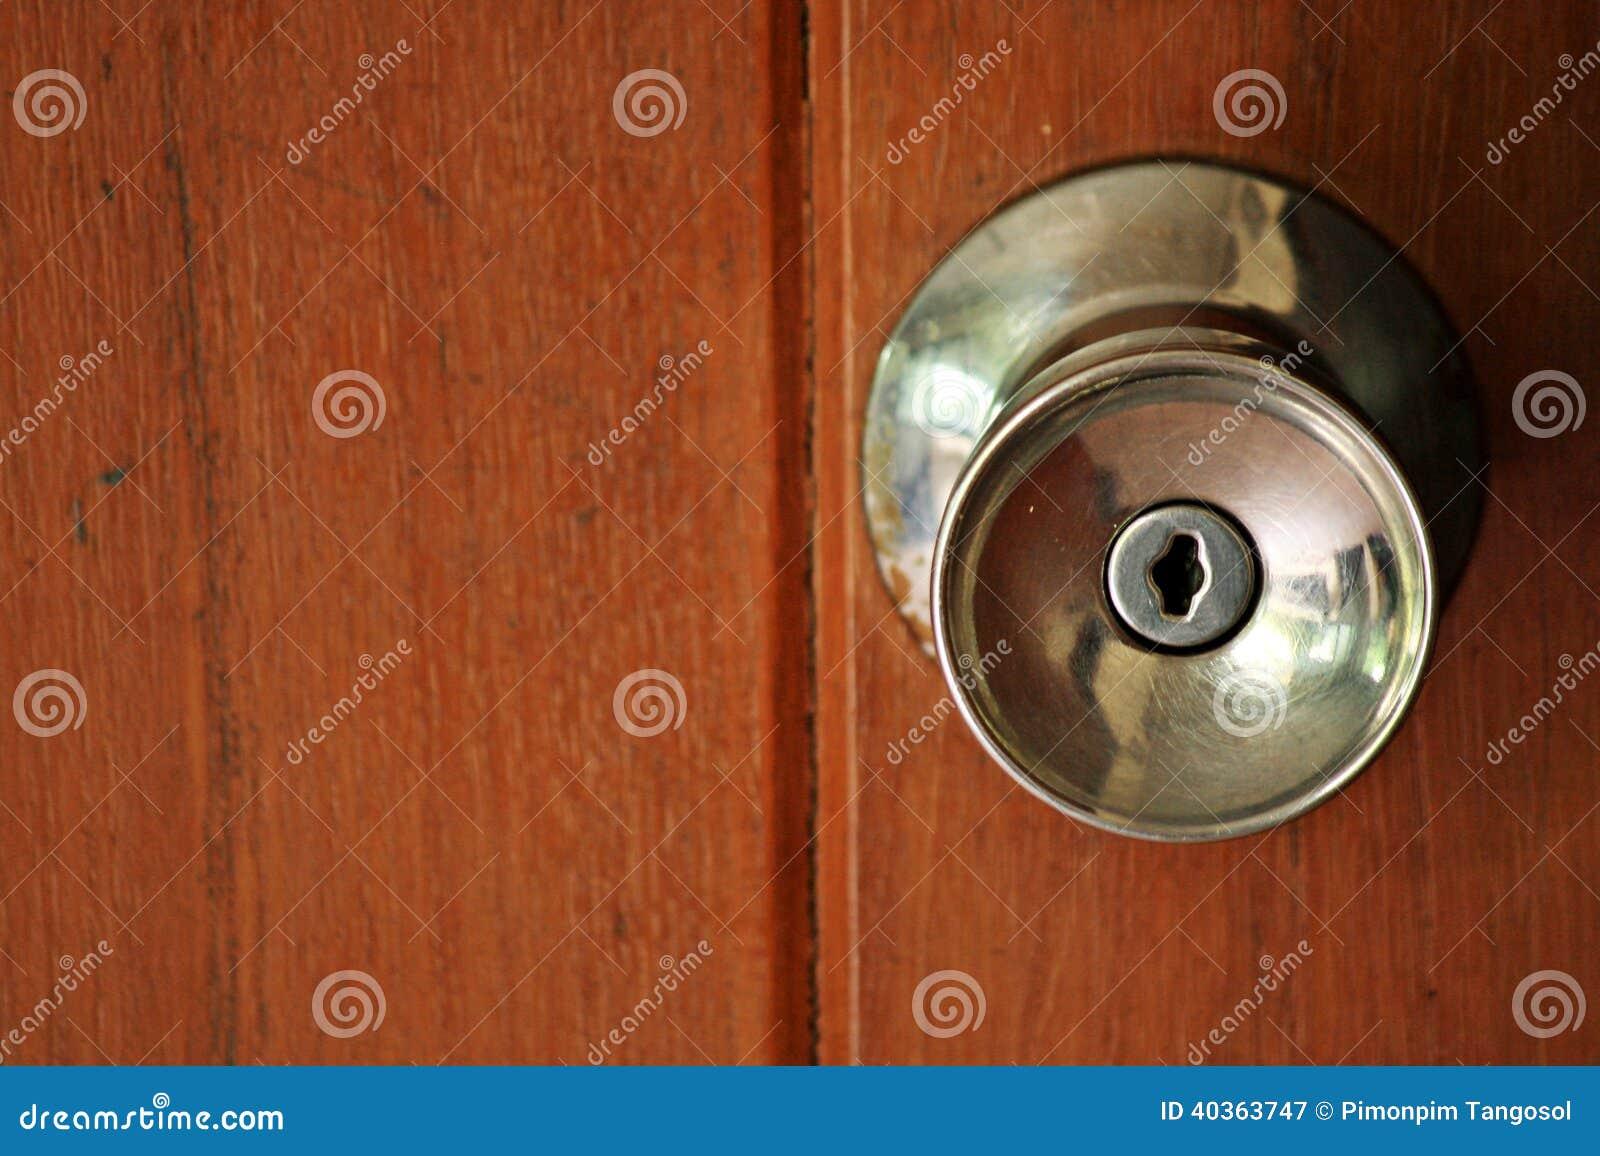 Door Knob On Wooden Door Stock Photo - Image: 40363747